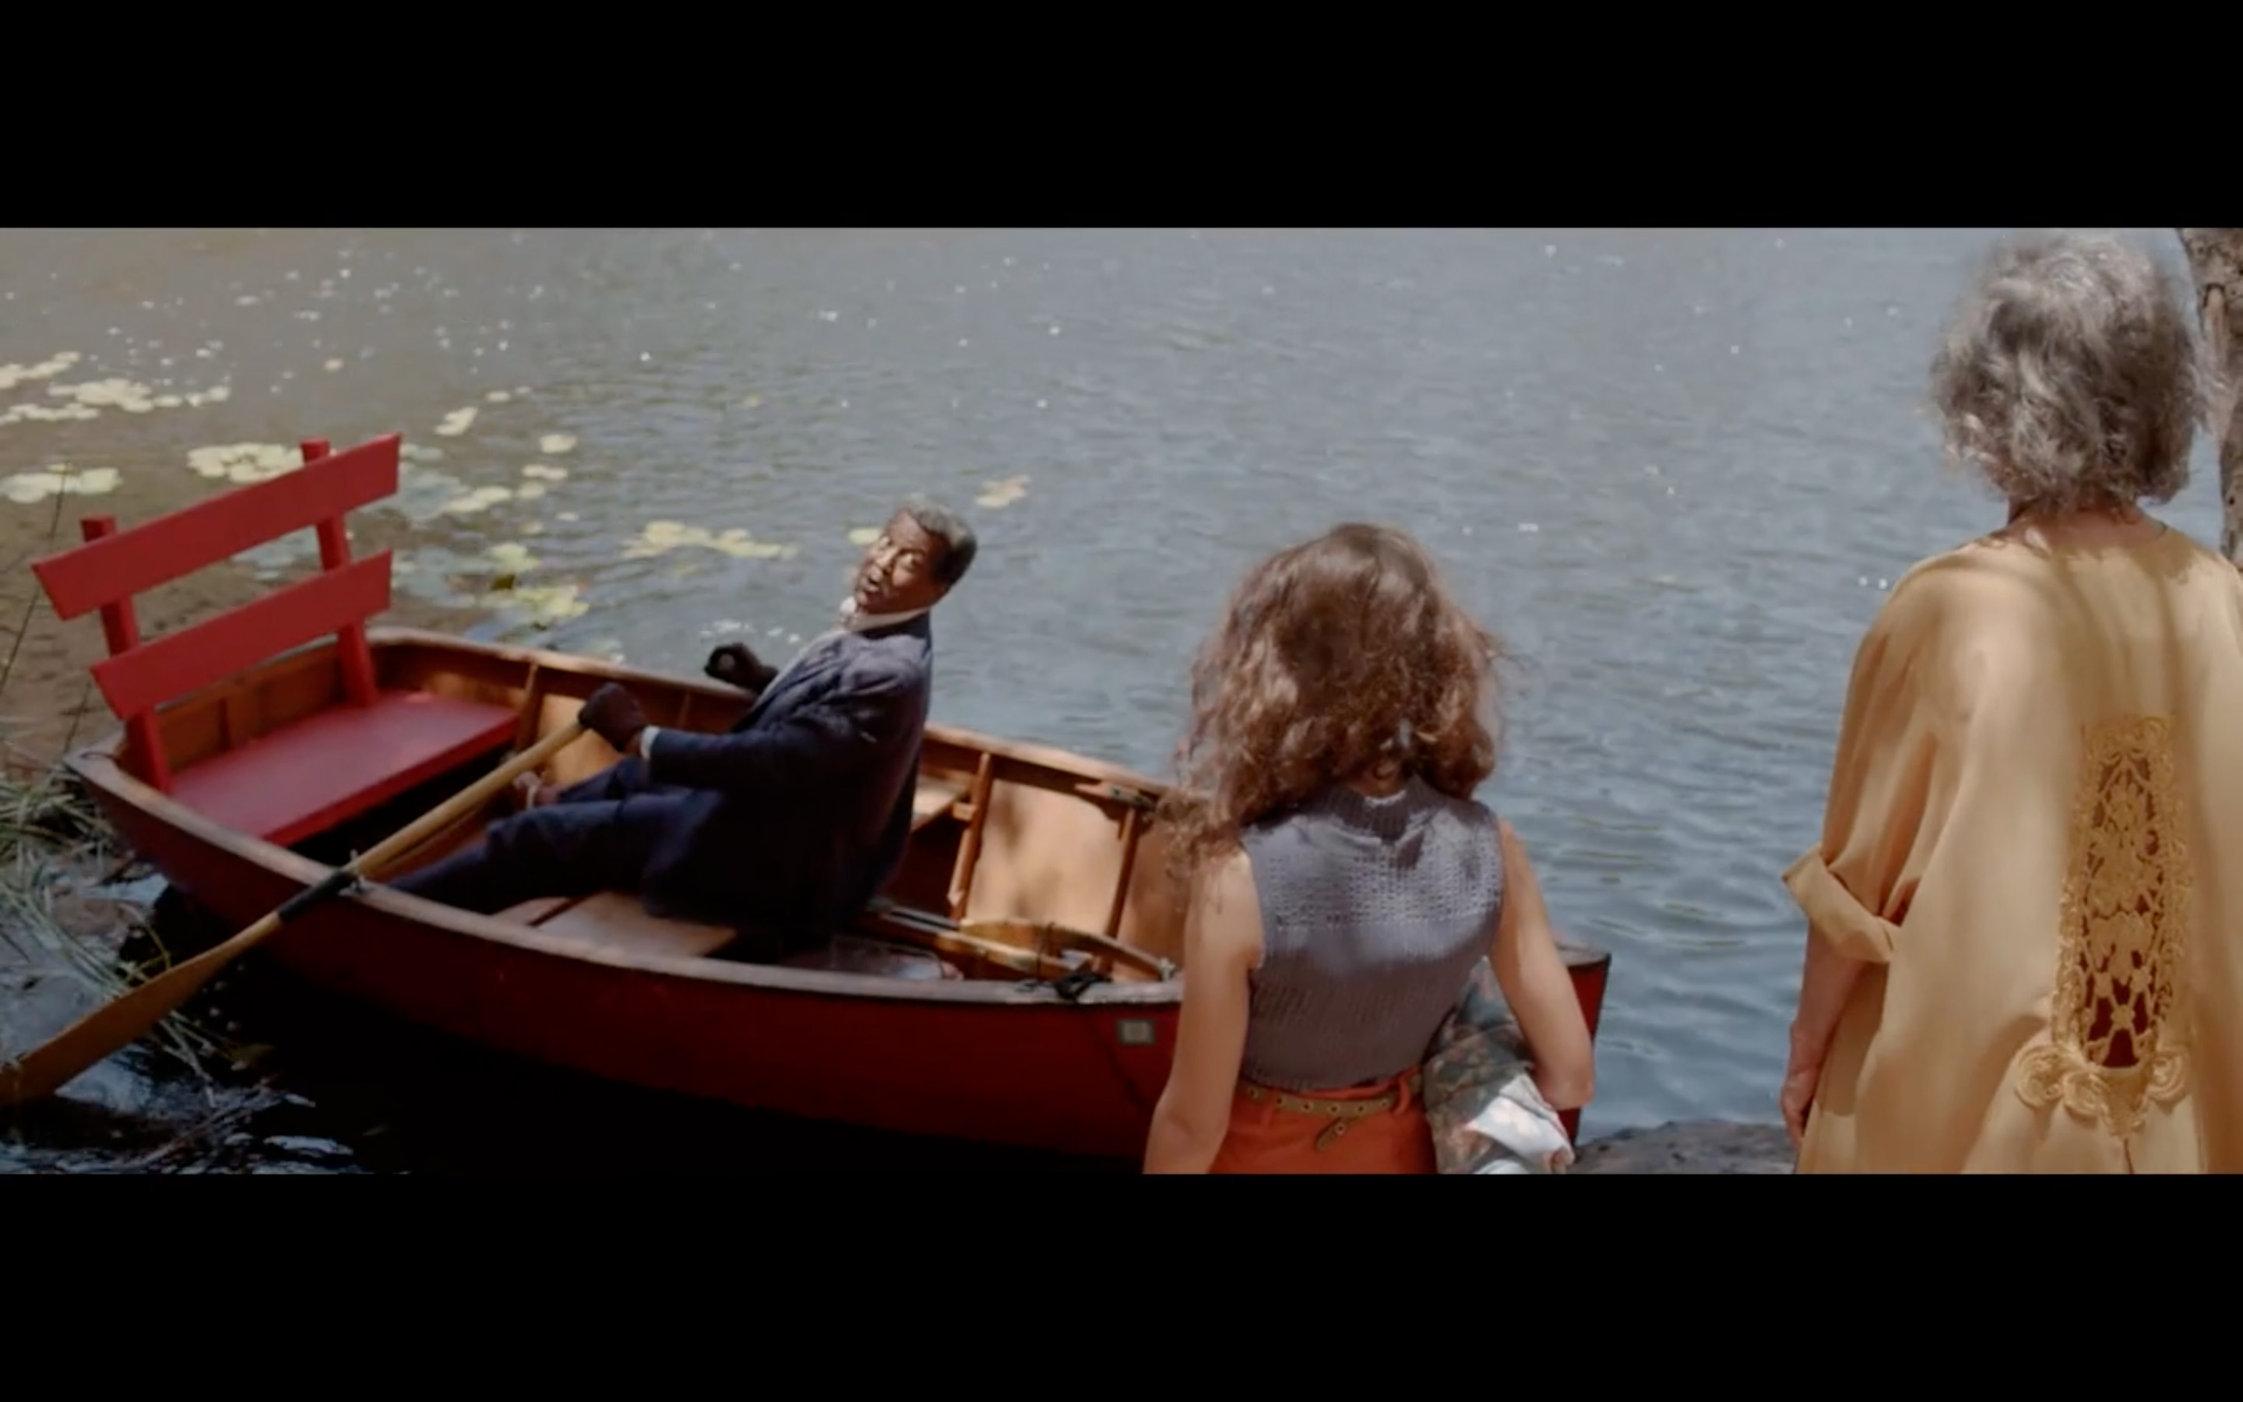 Edward greeting ladies in boat.jpg